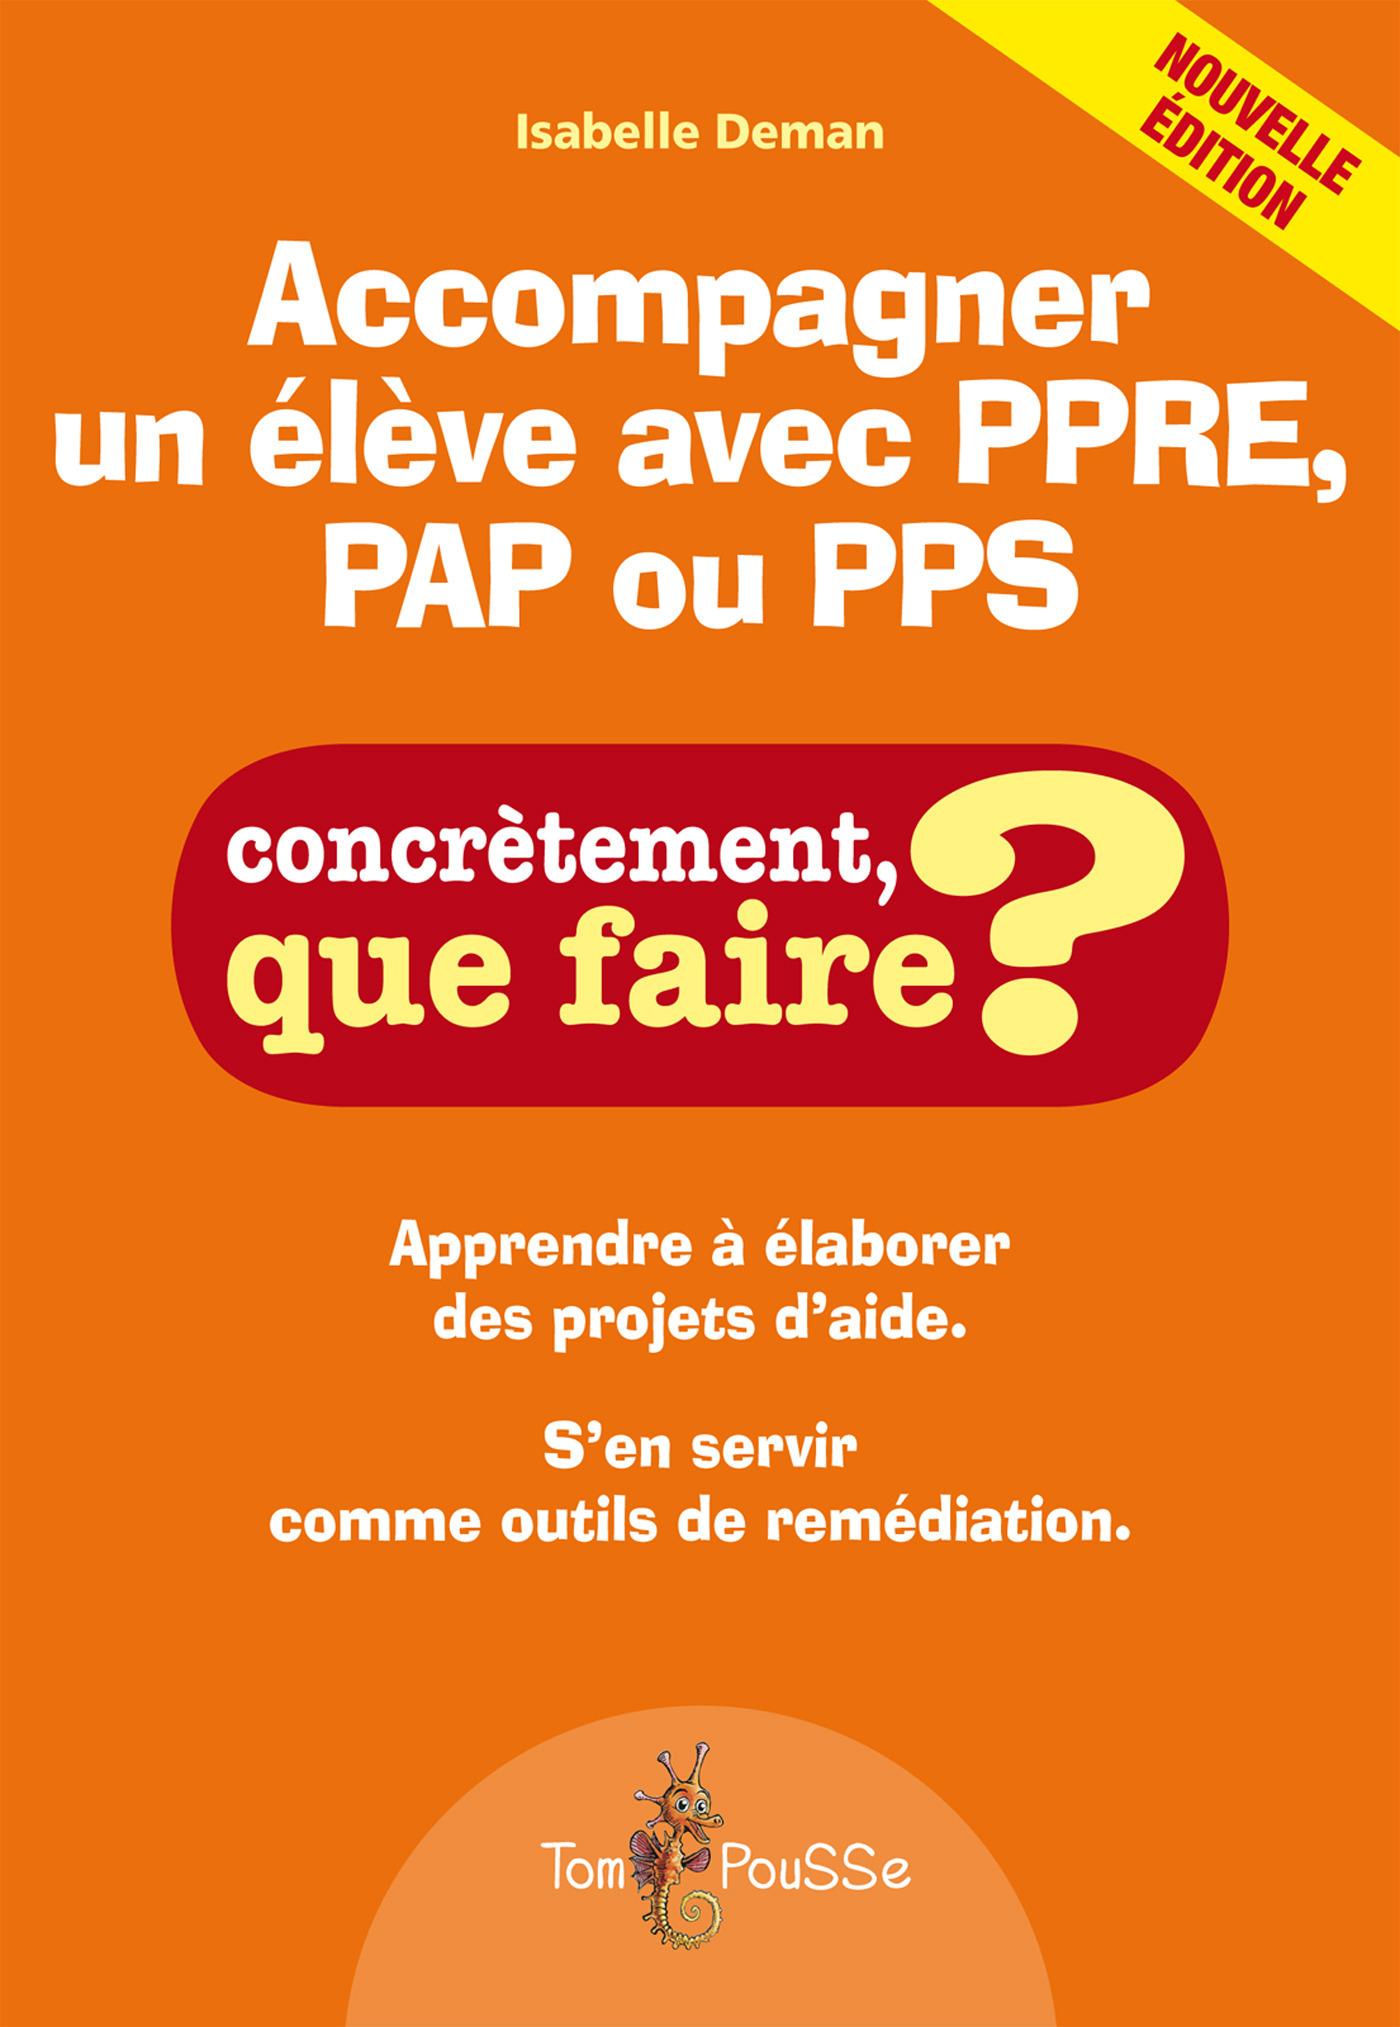 Isabelle Deman Accompagner un élève avec PPRE, PAP ou PPS